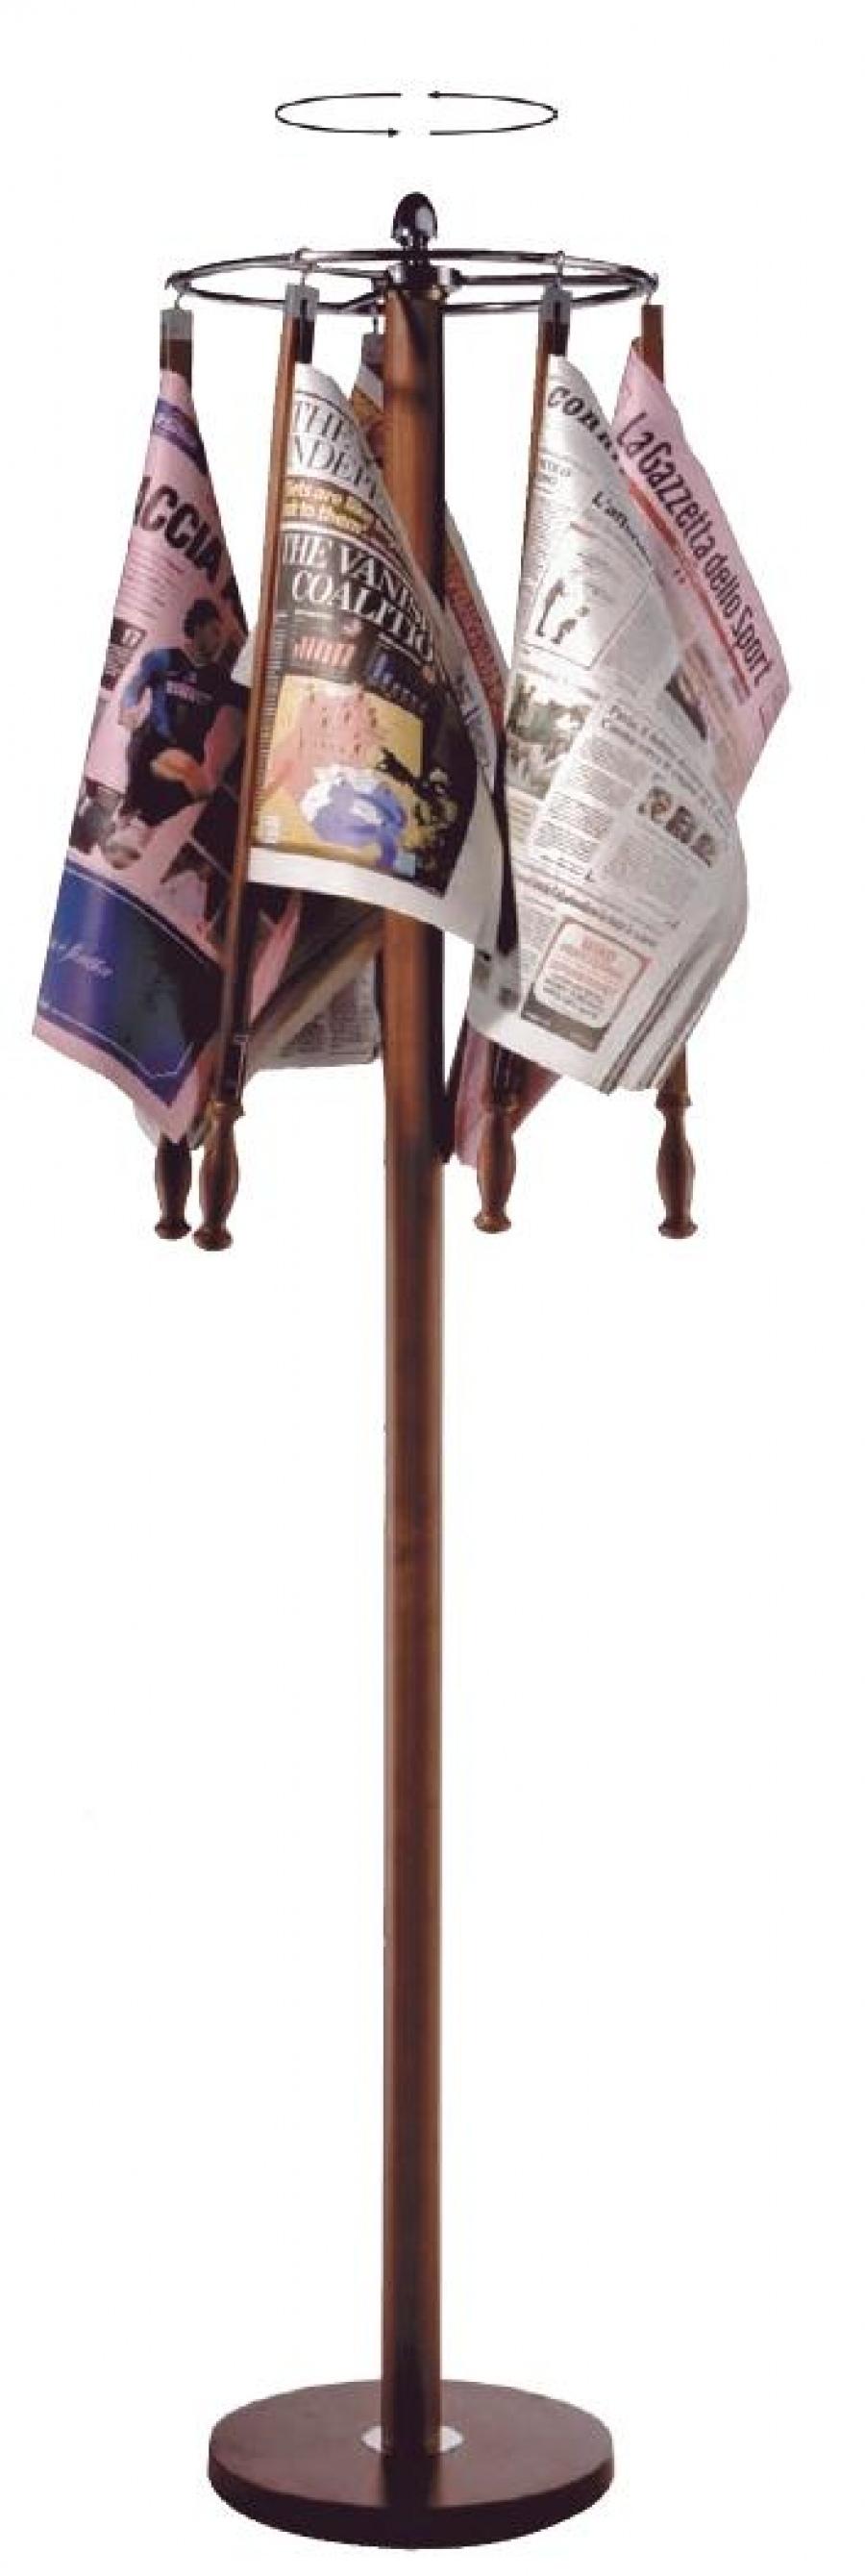 Nowoczesna architektura Drewniany stojak na gazety – Vedapol – wózki sklepowe, wózki BG66